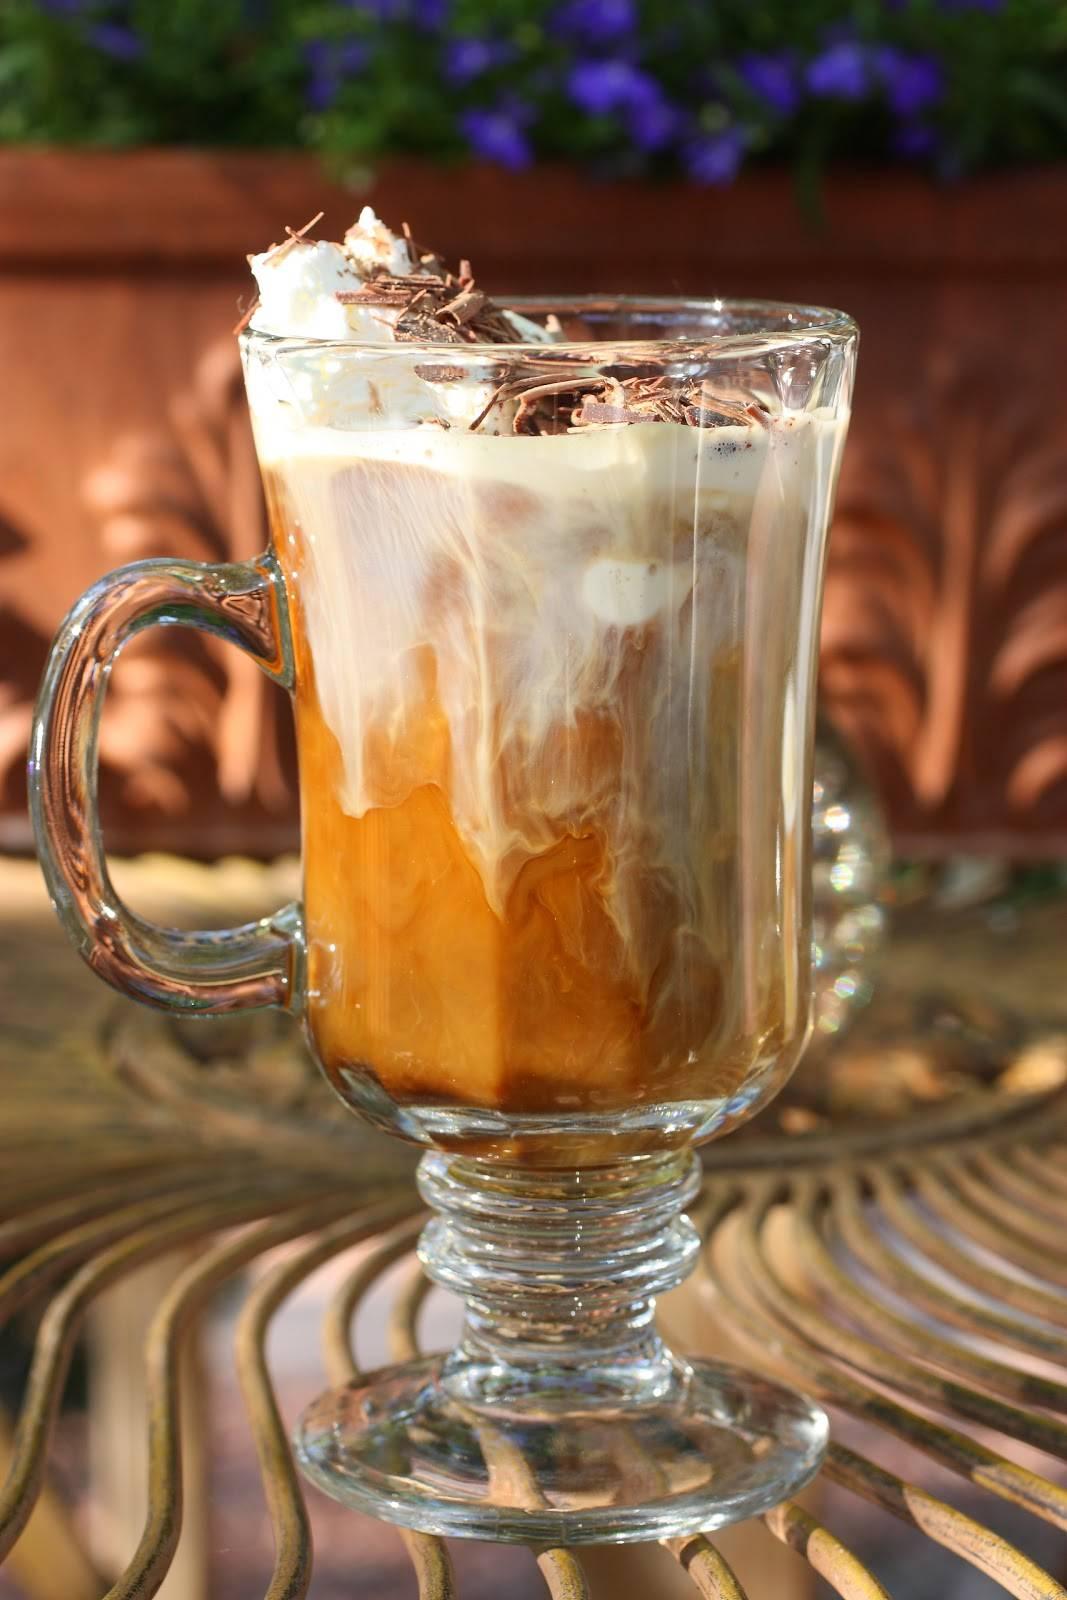 Арабский кофе – особенности приготовления, рецепты. характерные восточные пряности – кардамон и корица